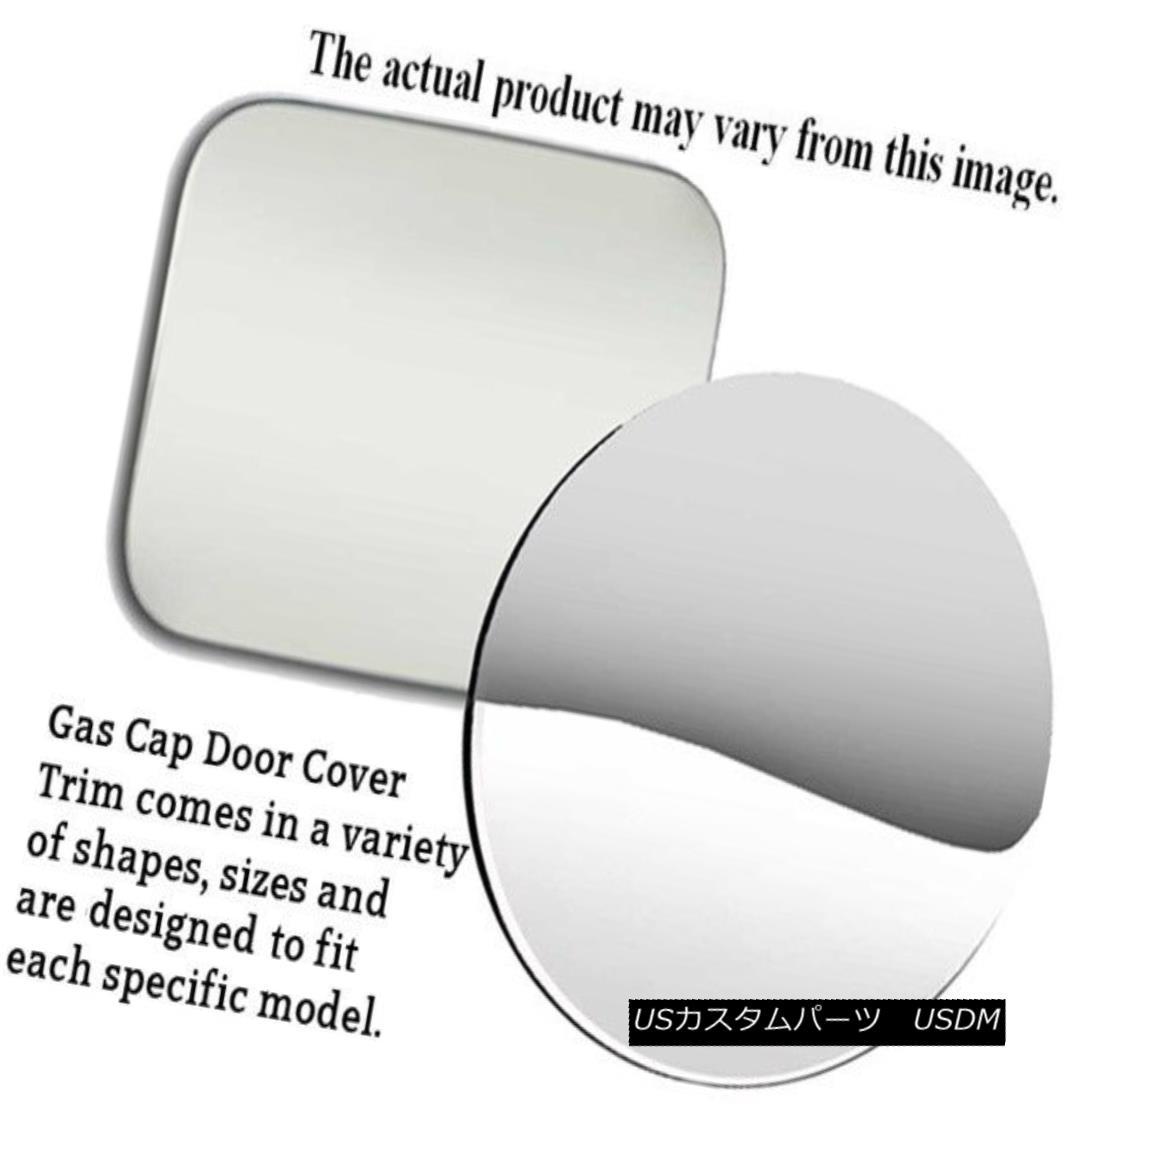 グリル Fits 2002-2008 LEXUS SC430 -Stainless Steel GAS CAP DOOR フィット2002-2008レクサスSC430 - ステンレススチールガスCAP DOOR